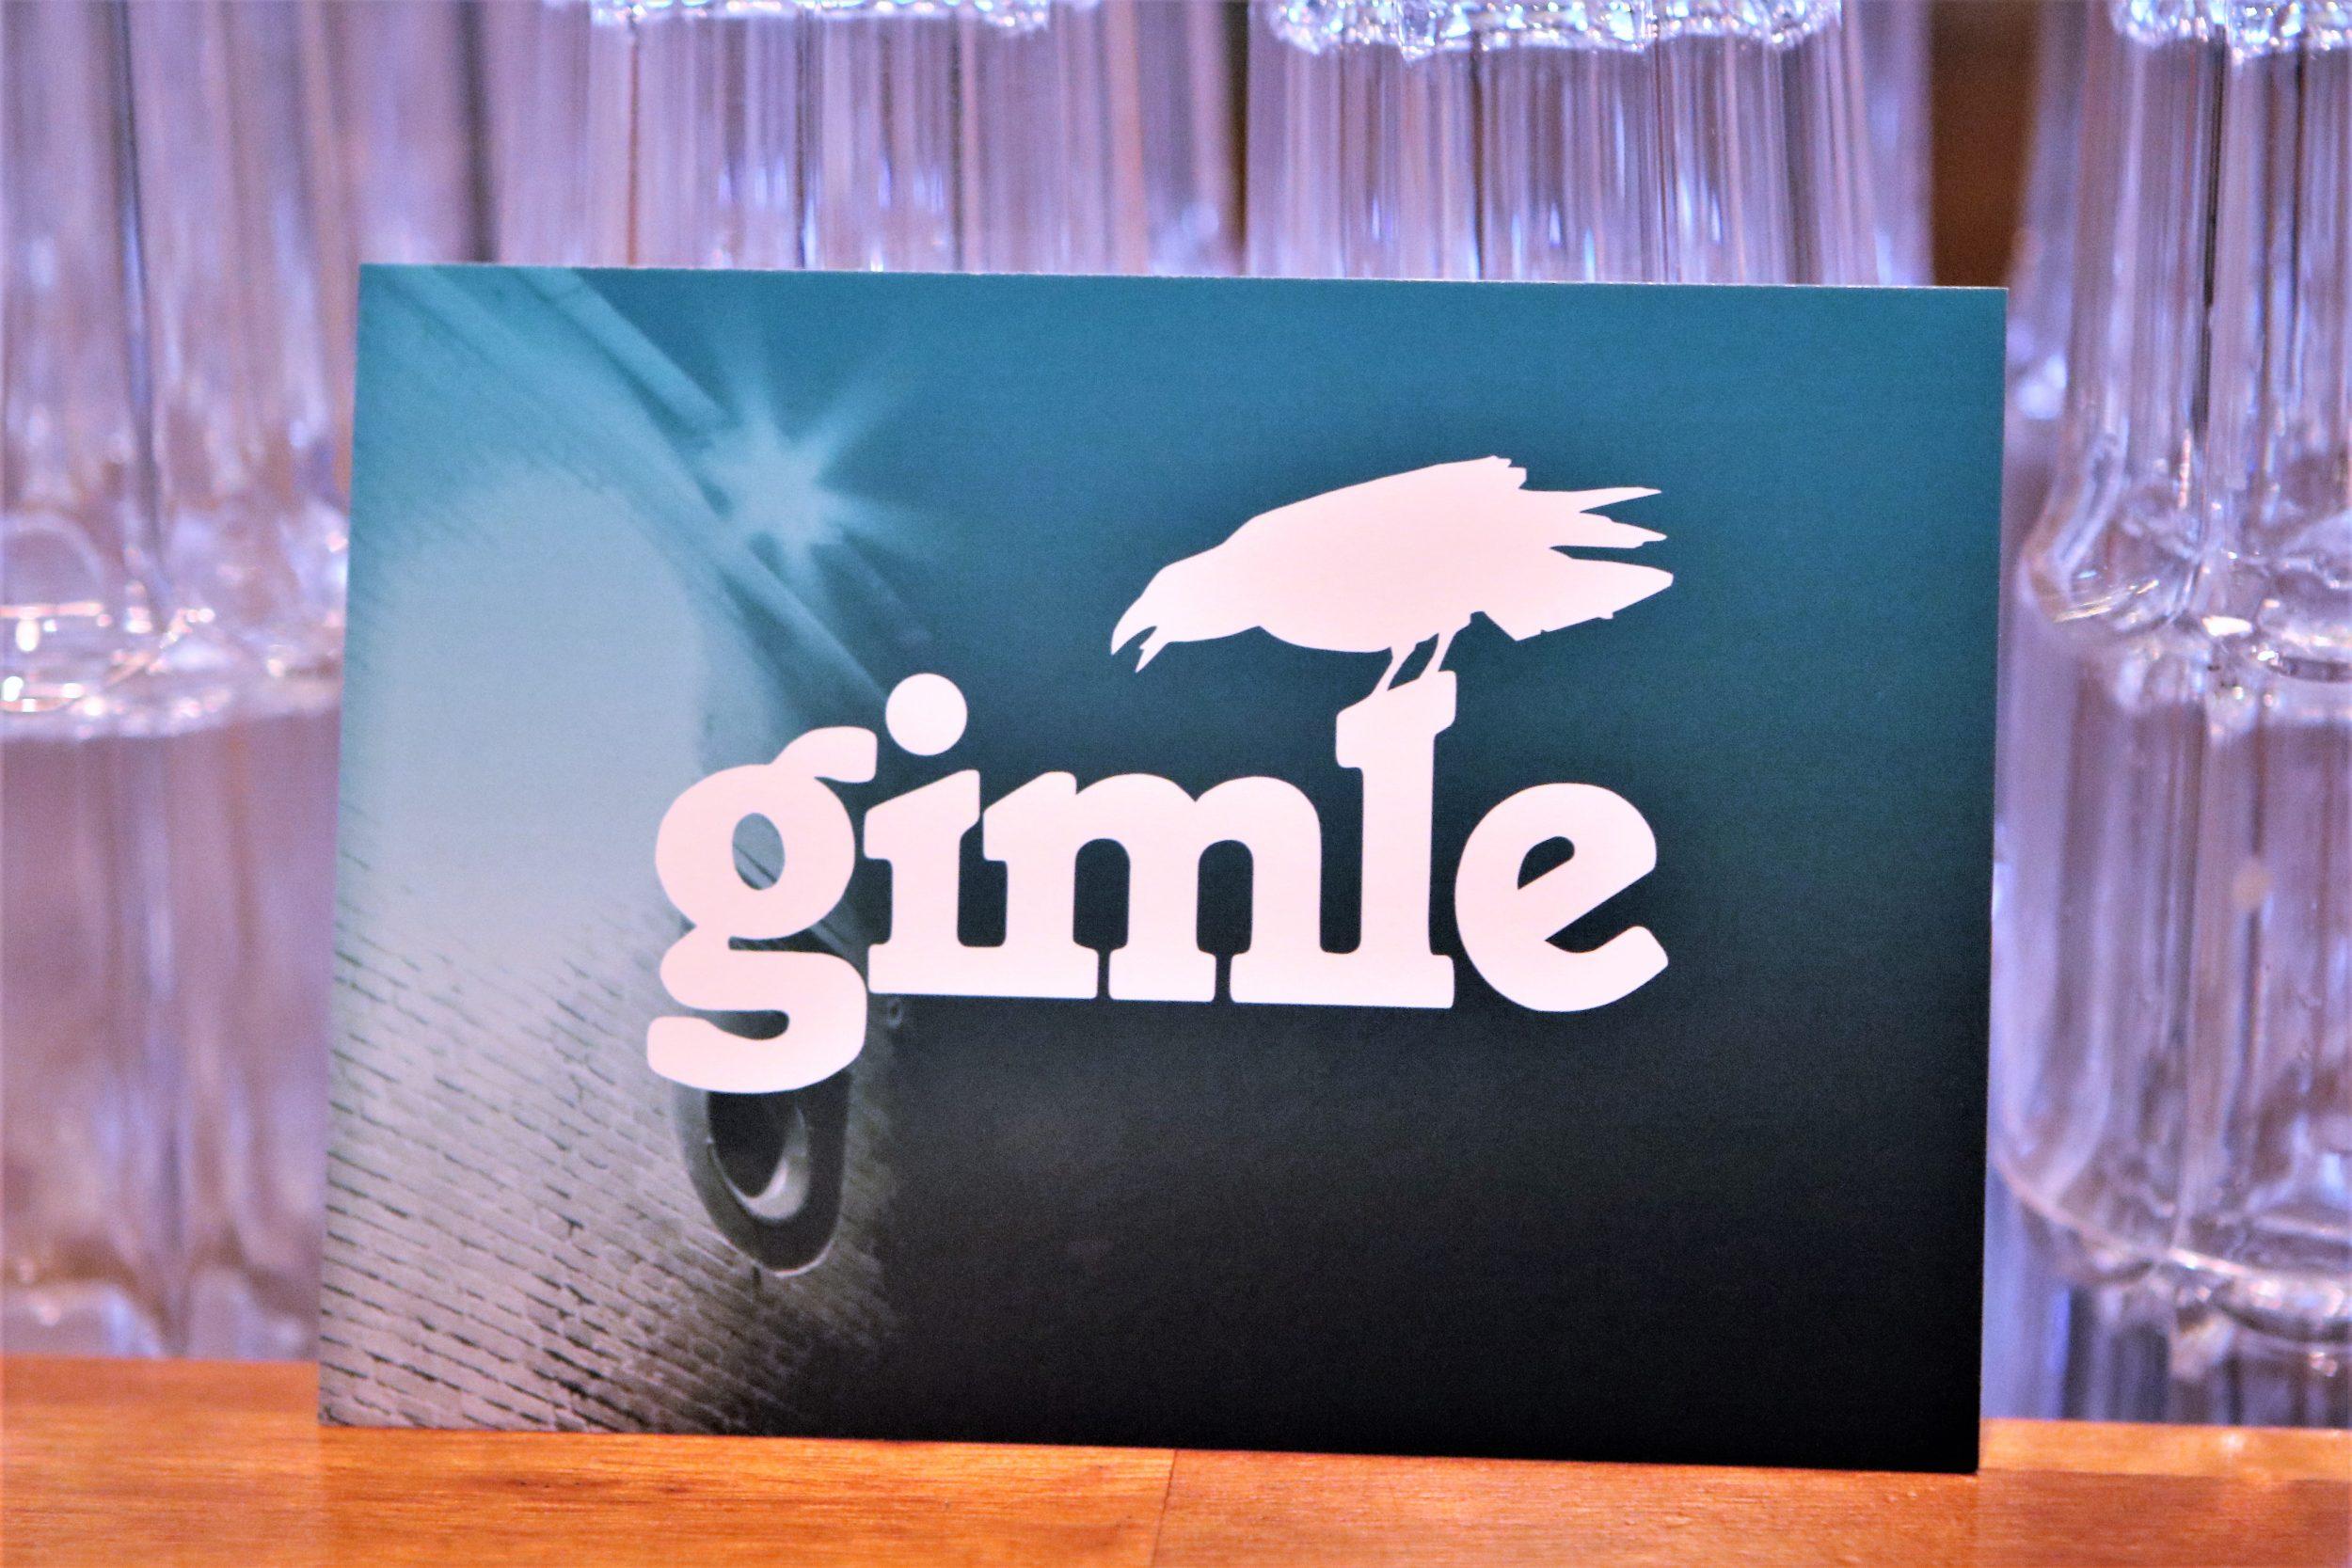 GIMLE GENÅBNER I FASE 4